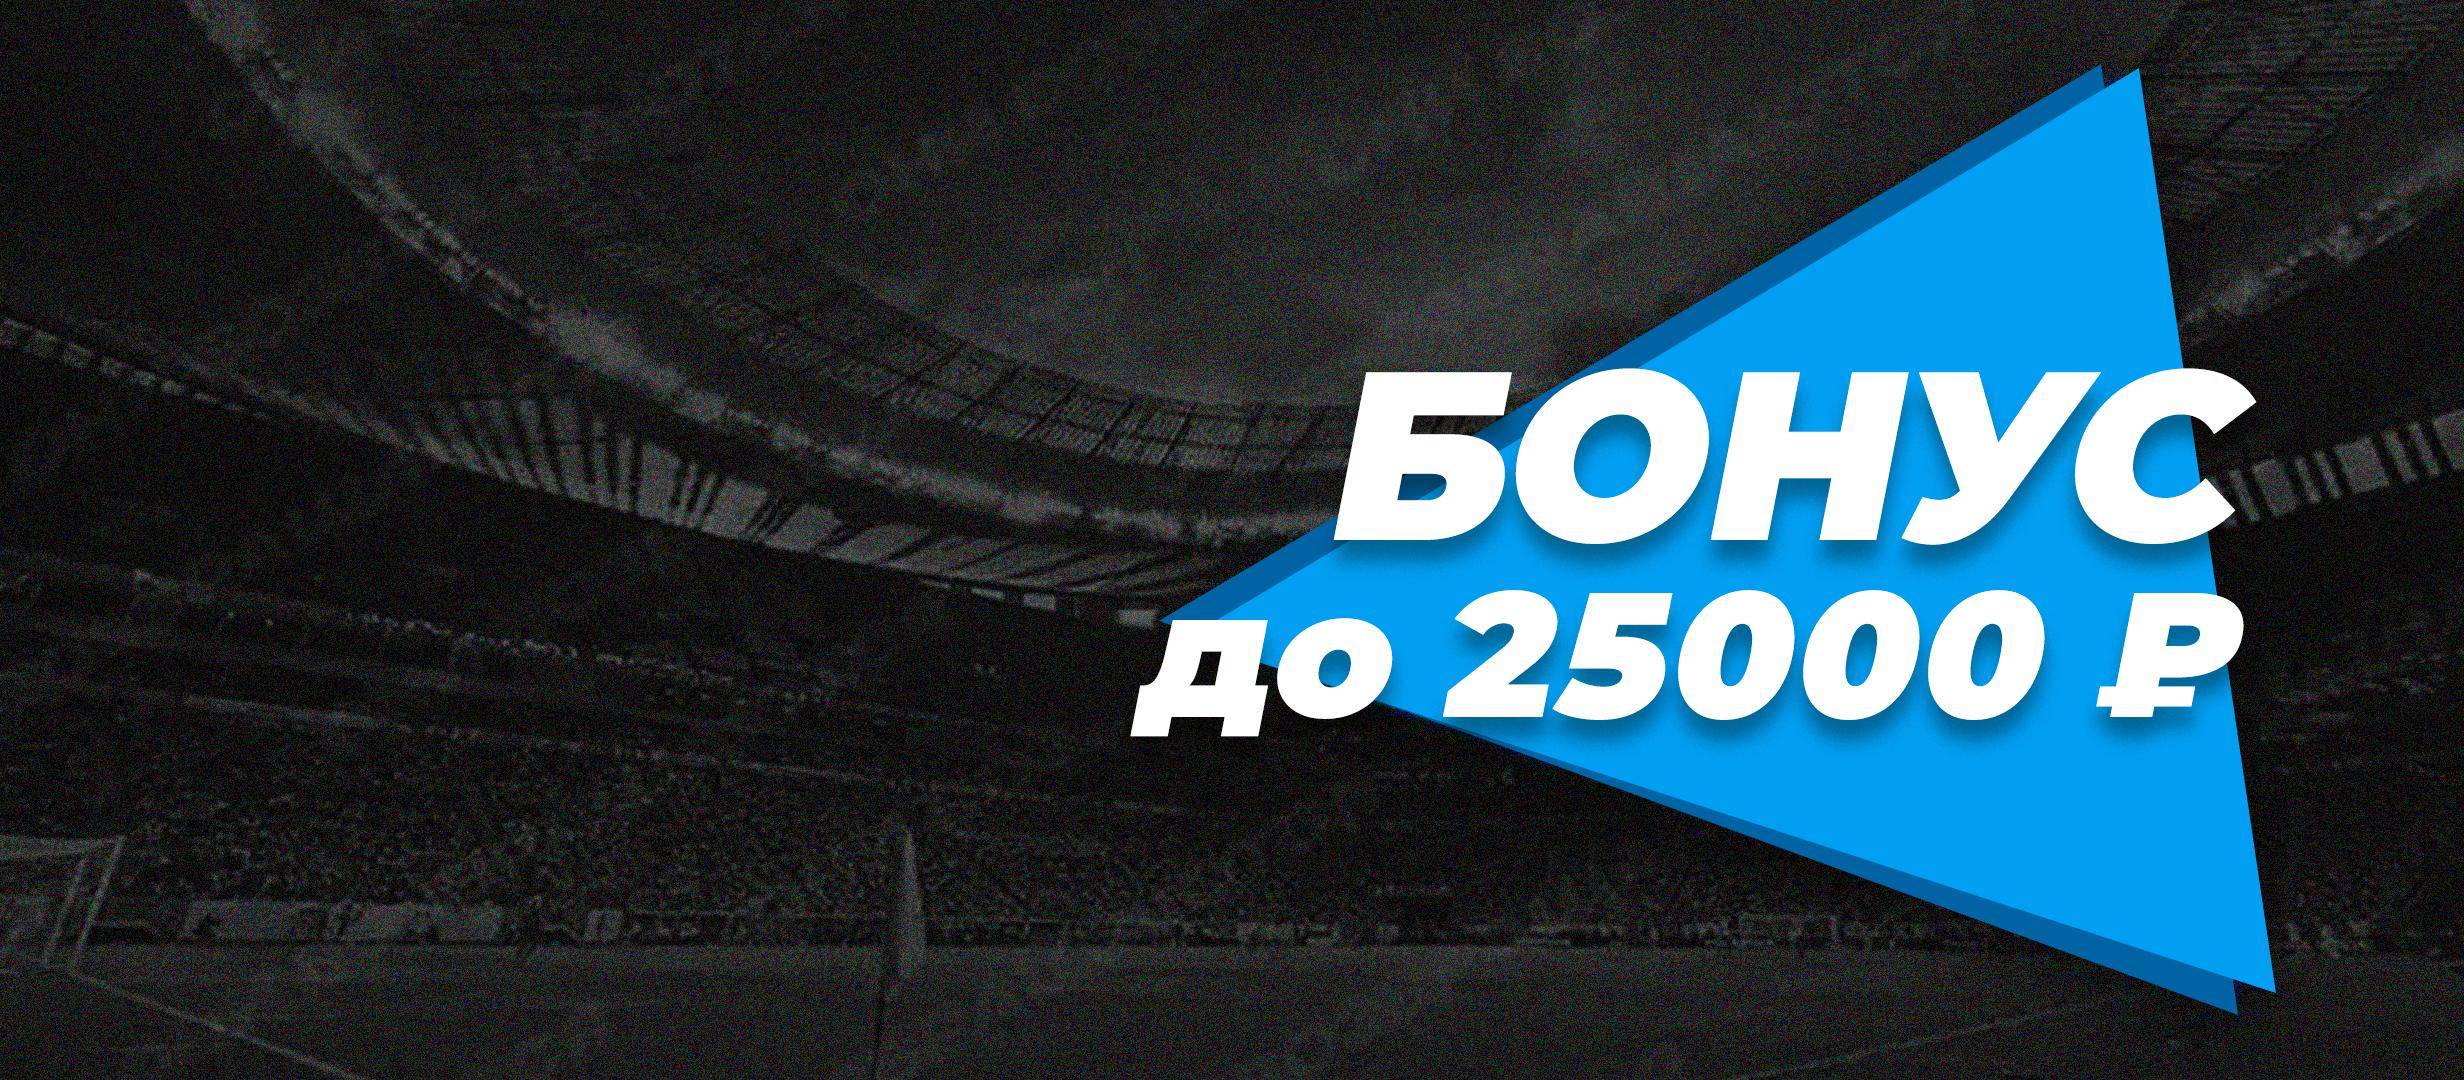 Кеш-бонус от 1хСтавка 25000 ₽.